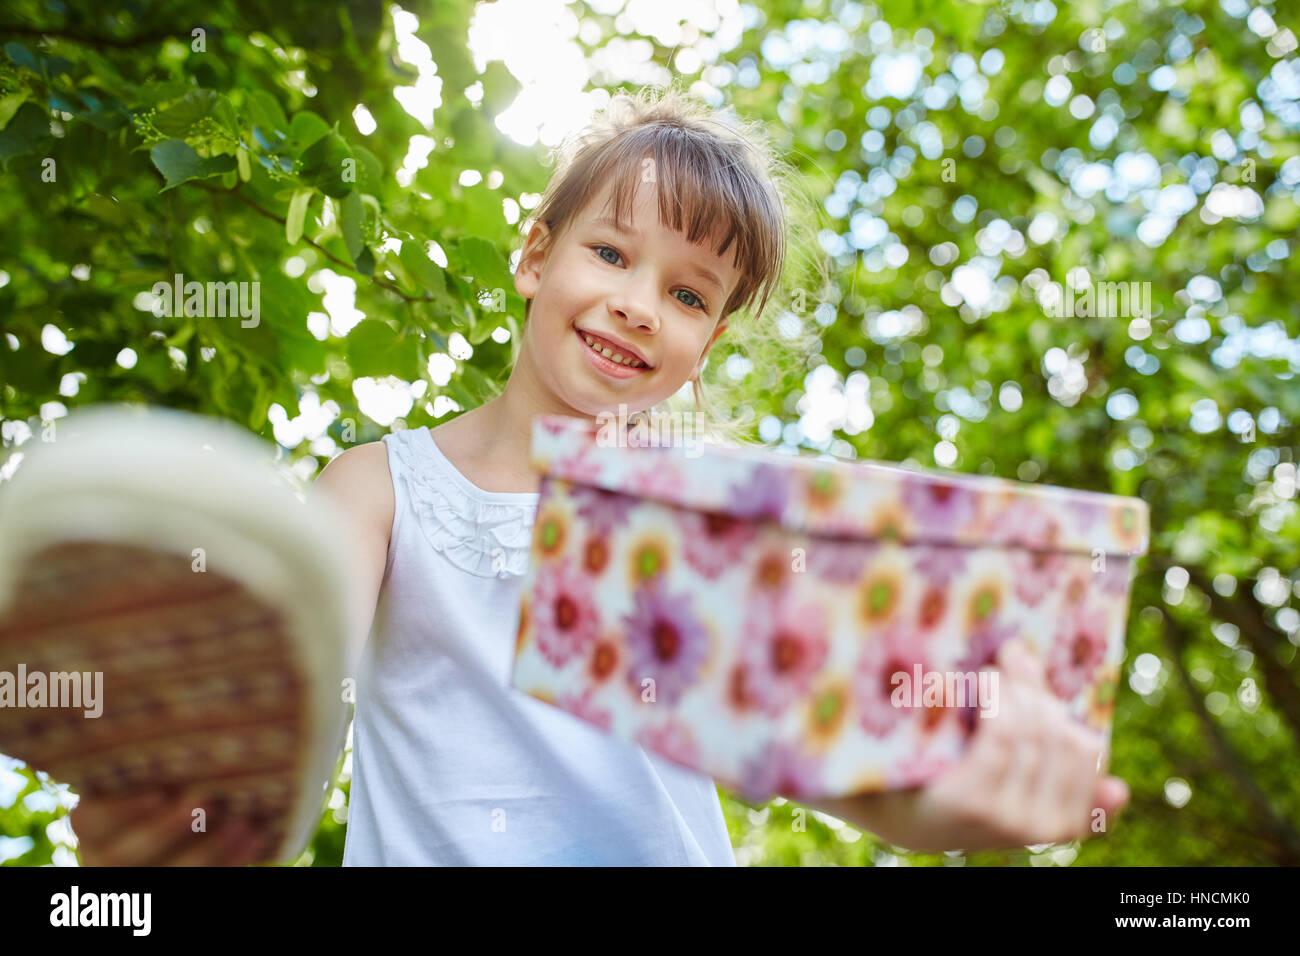 Mädchen mit Geburtstagsgeschenk an Überraschungsparty lächelt mit Freude Stockbild